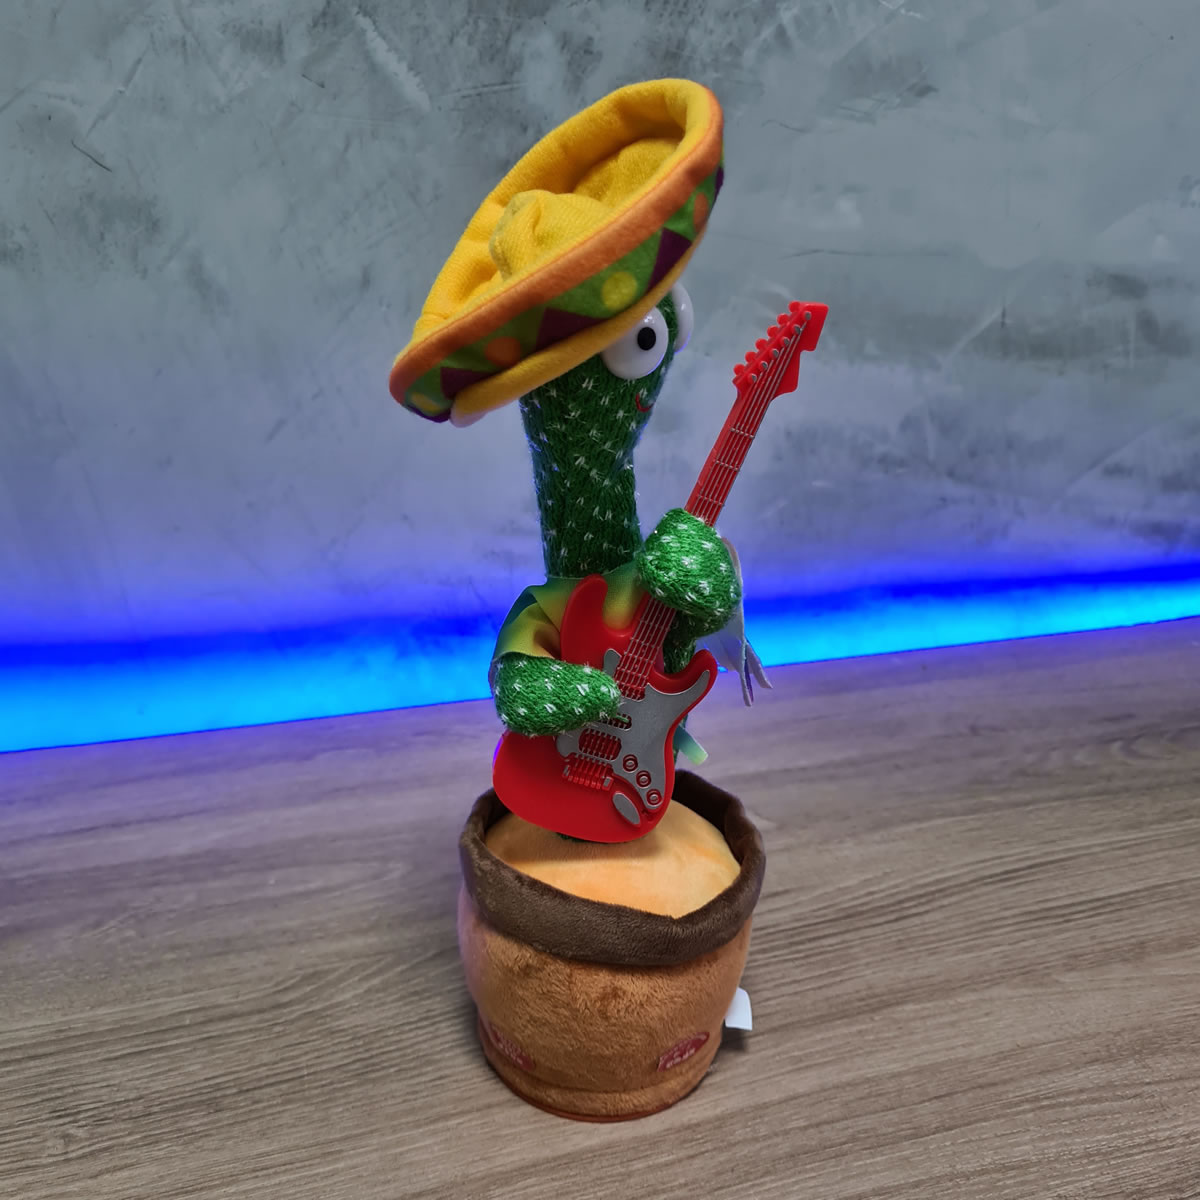 Cactos Animado Dançante e falante Cactus Dancing Guitarra Repete o que fala